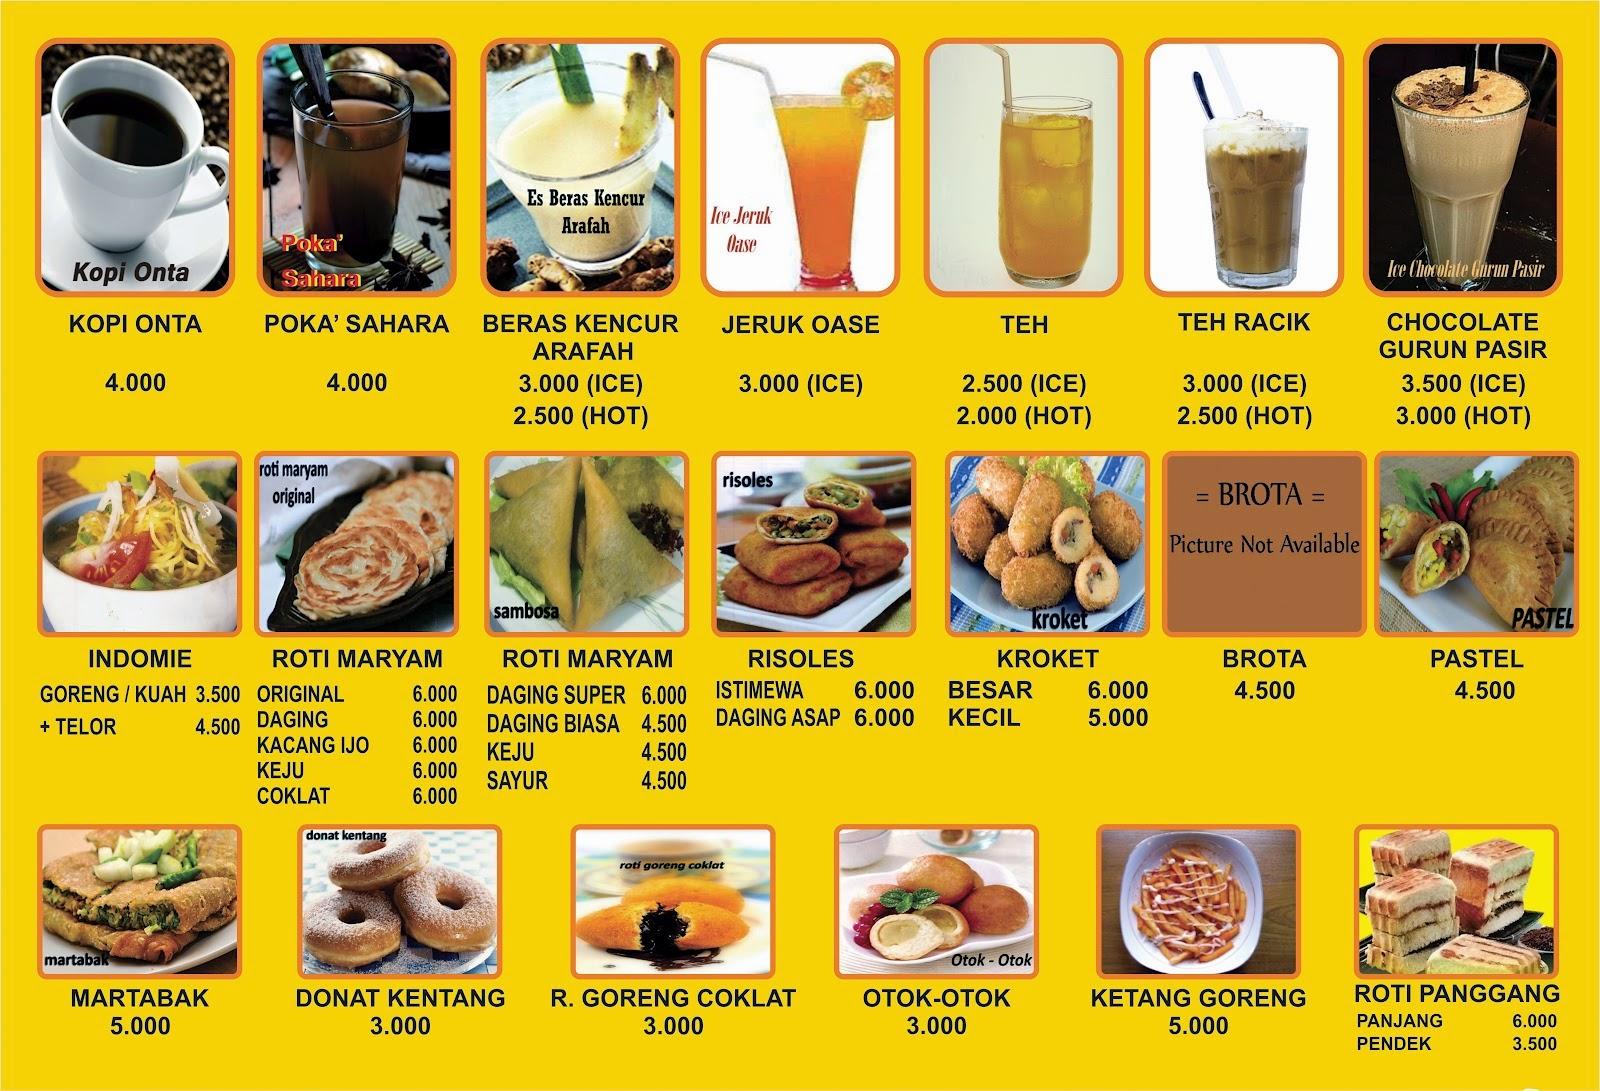 MENU CAFE : Konsep Menu makanan minuman CAFE